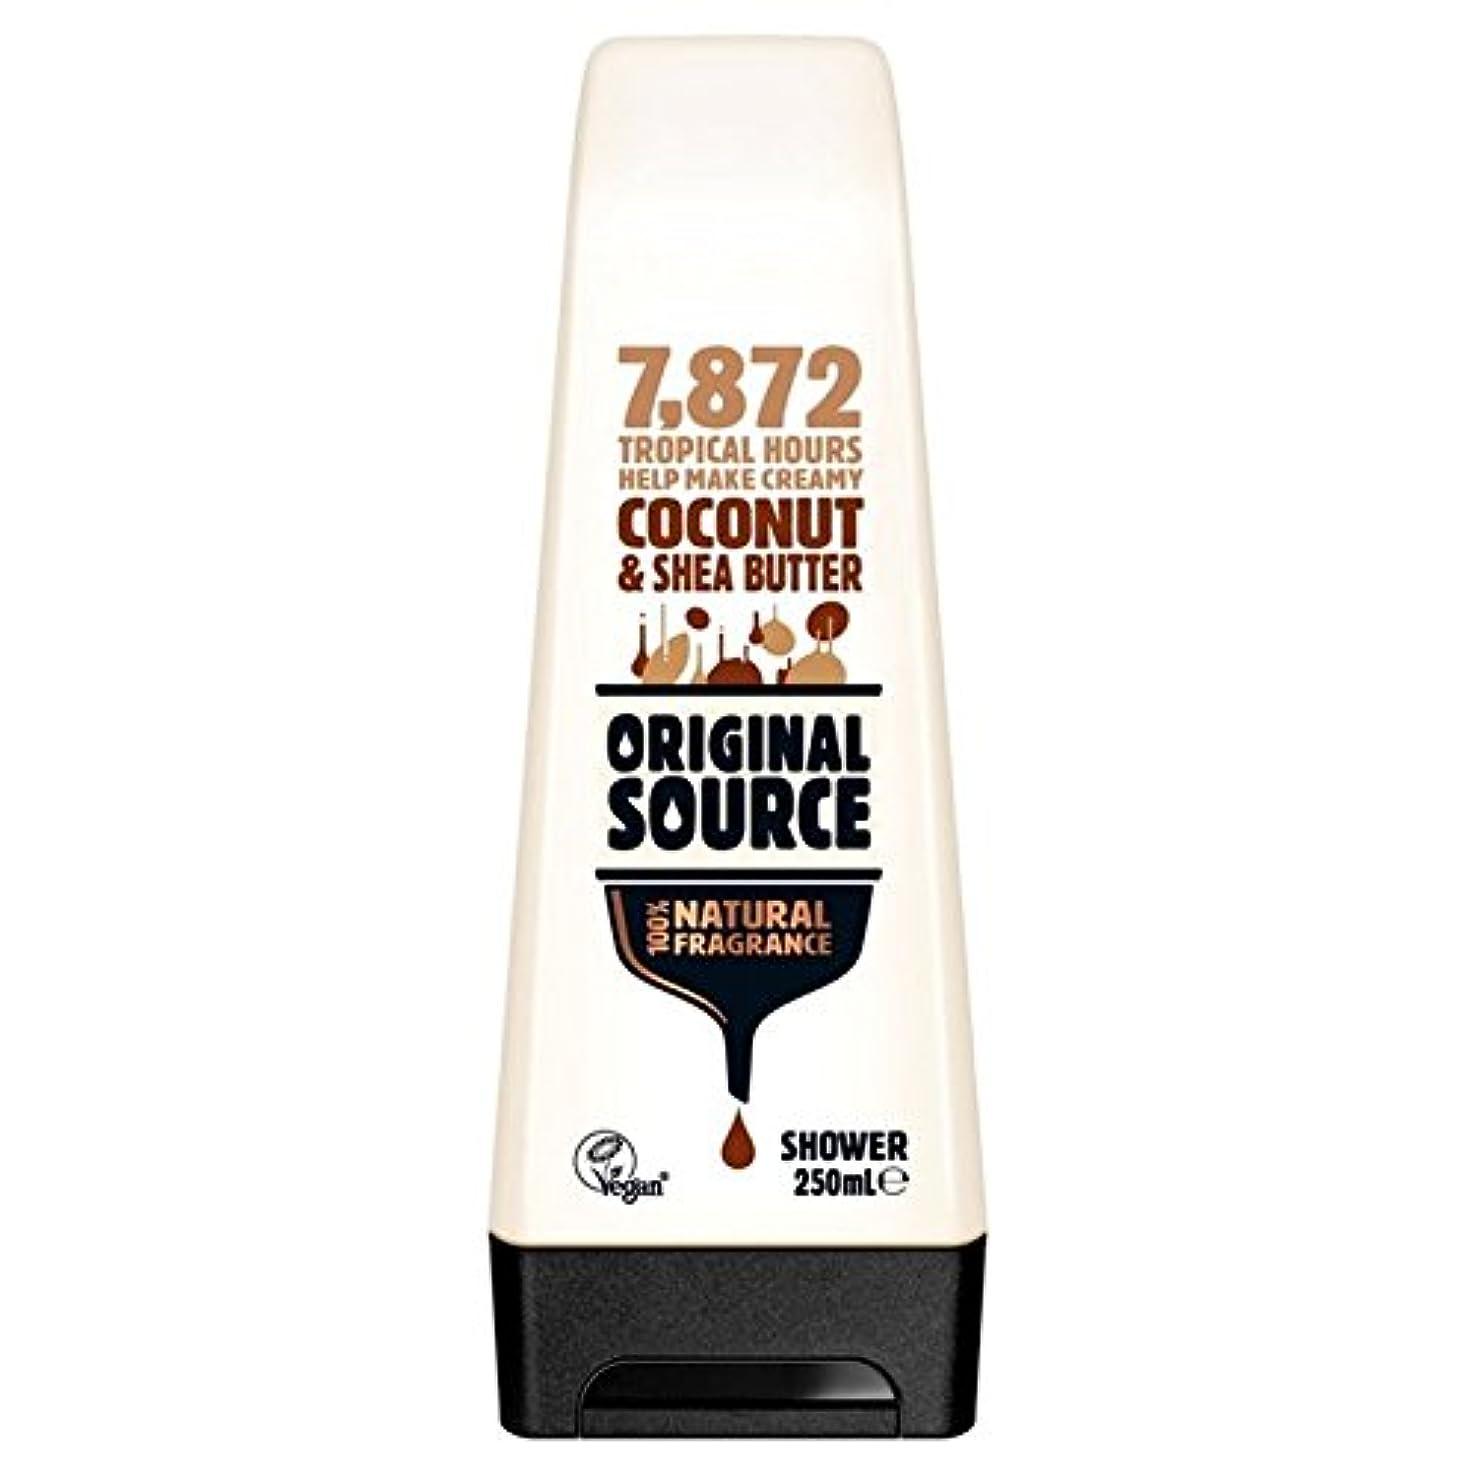 キャンパス角度明示的にOriginal Source Moisturising Coconut & Shea Butter Shower Gel 250ml - 元のソース保湿ココナッツ&シアバターシャワージェル250ミリリットル [並行輸入品]